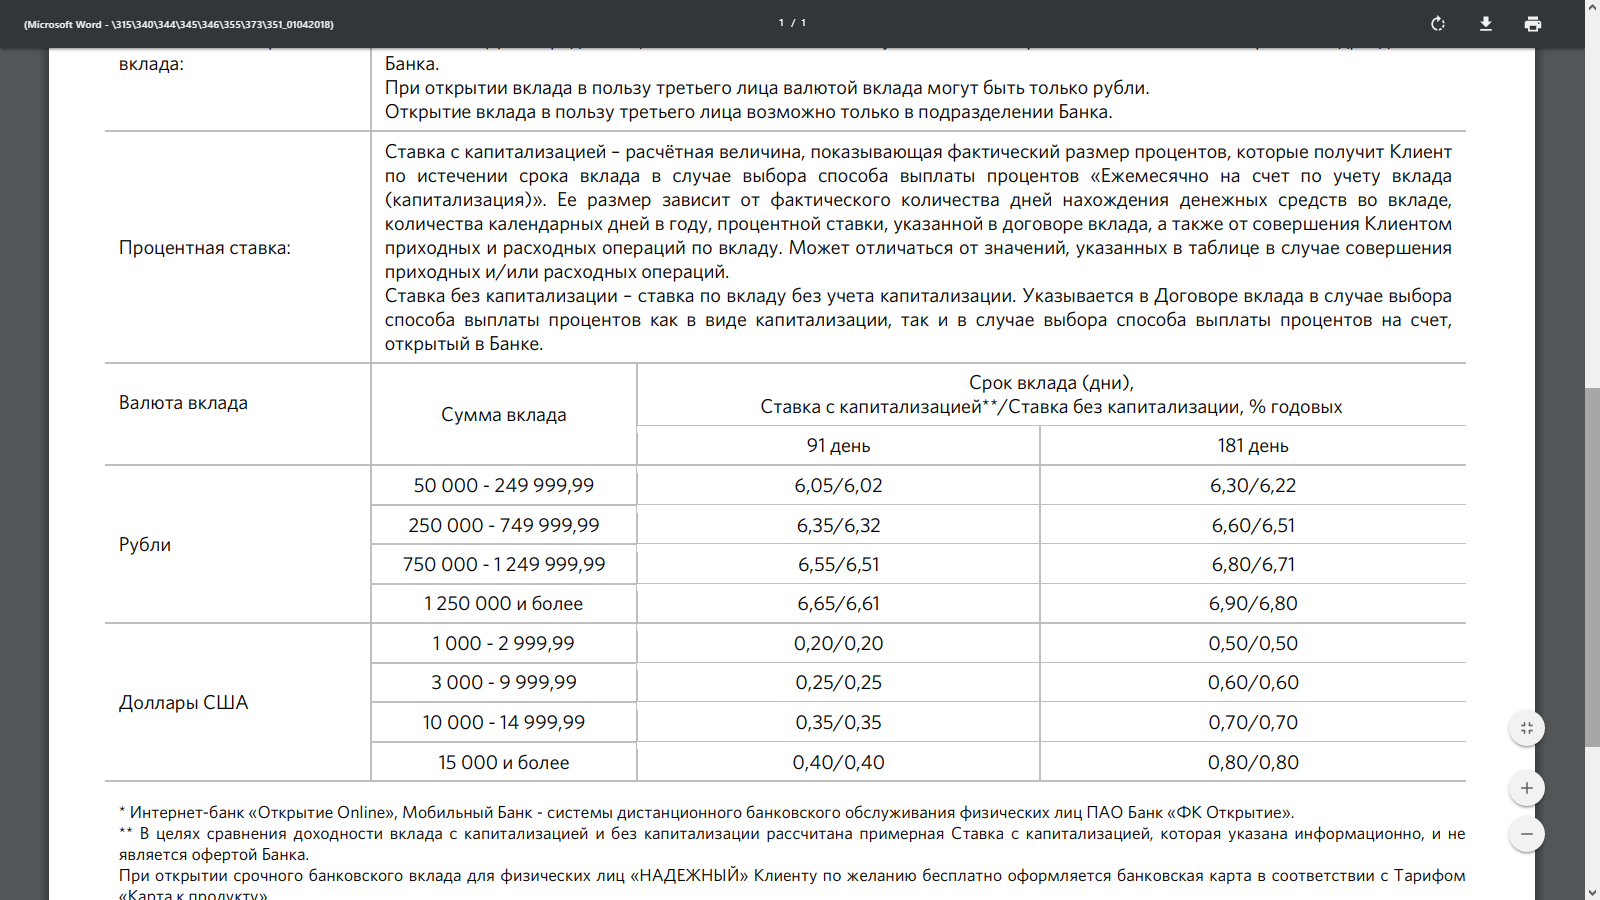 Вклад банка Открытия для физических лиц «Надежный» и проценты по нему